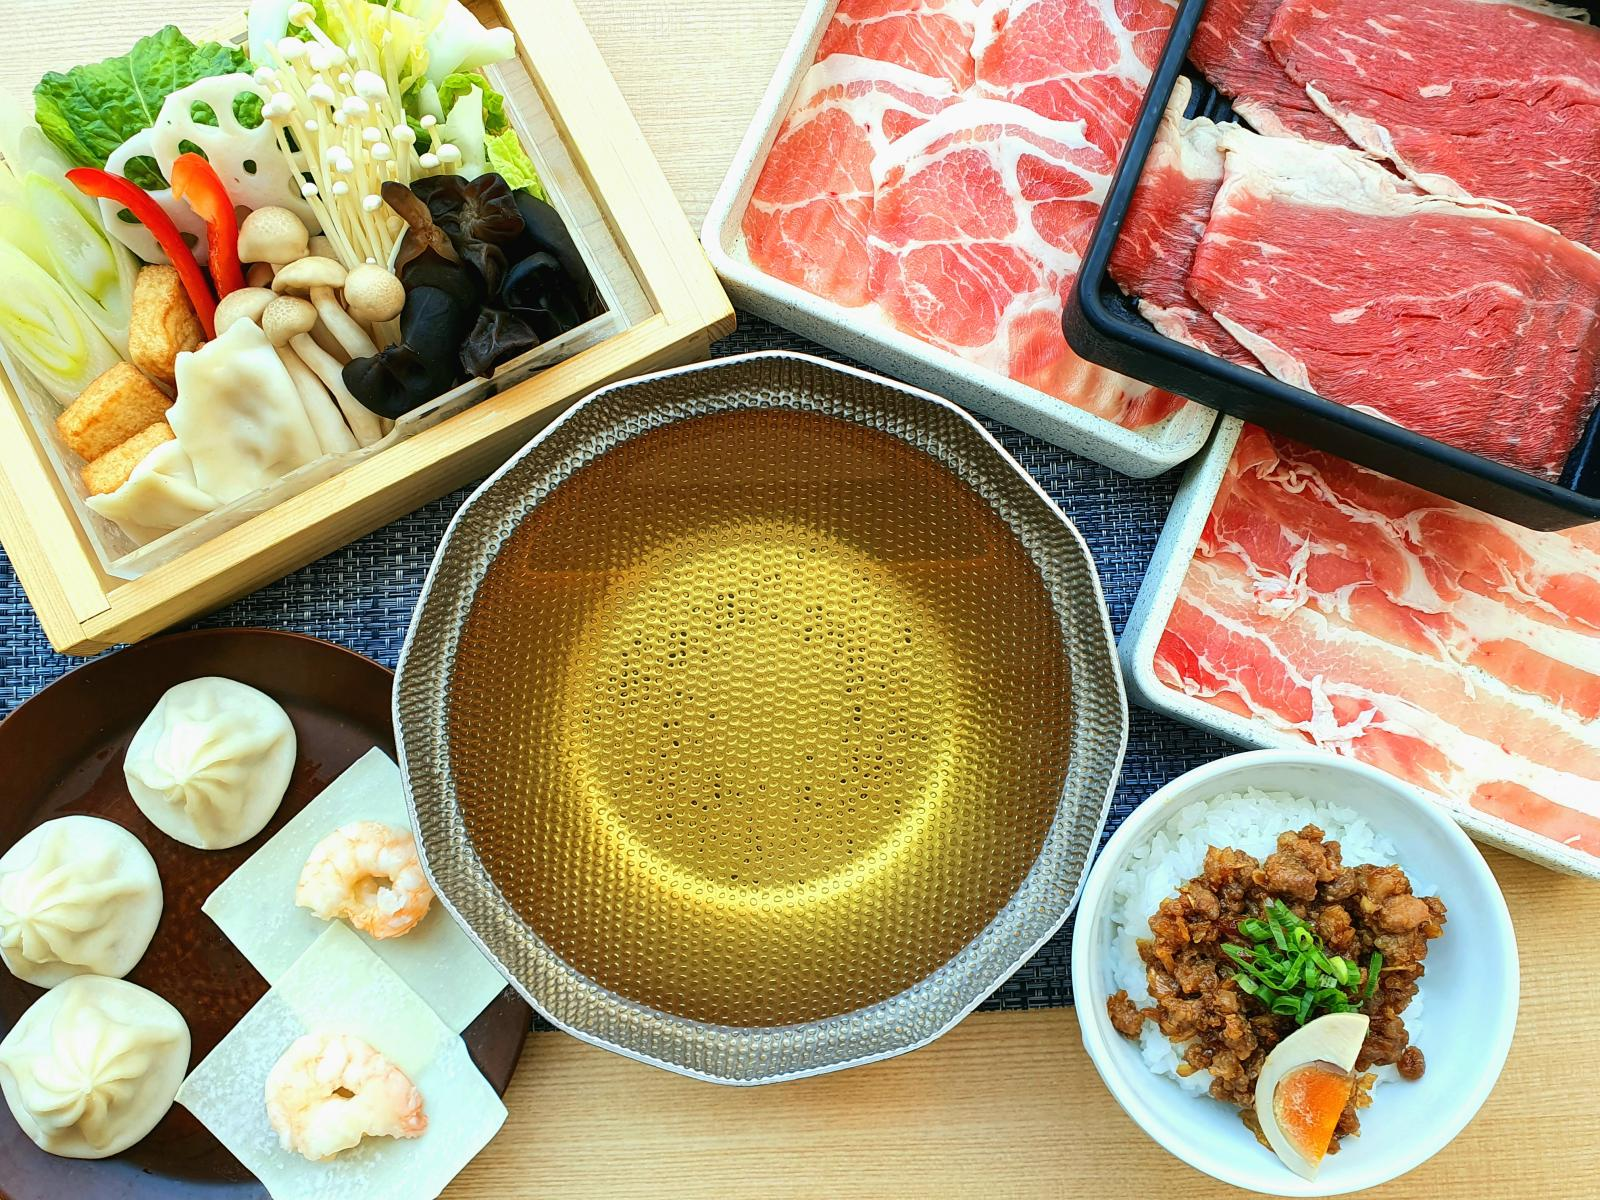 【ランチ】アンガス牛と三元豚・小籠包等食べ放題コースのイメージ